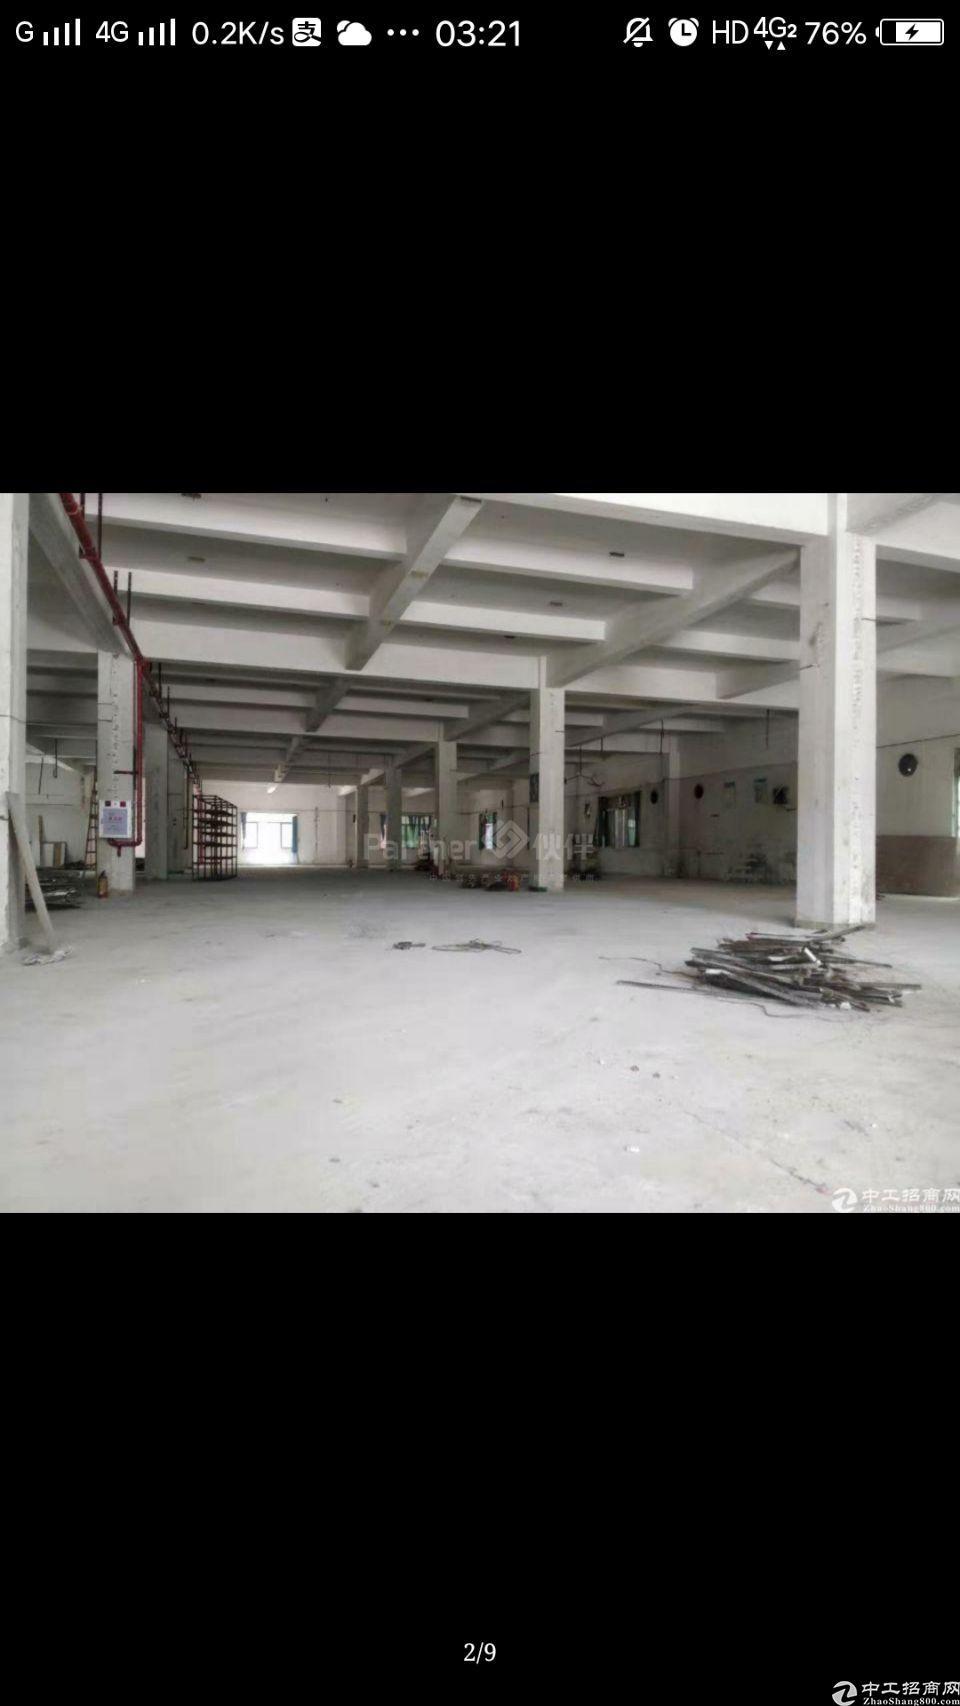 高埗镇新房面积1~3楼7650单一层550宿舍面积3300